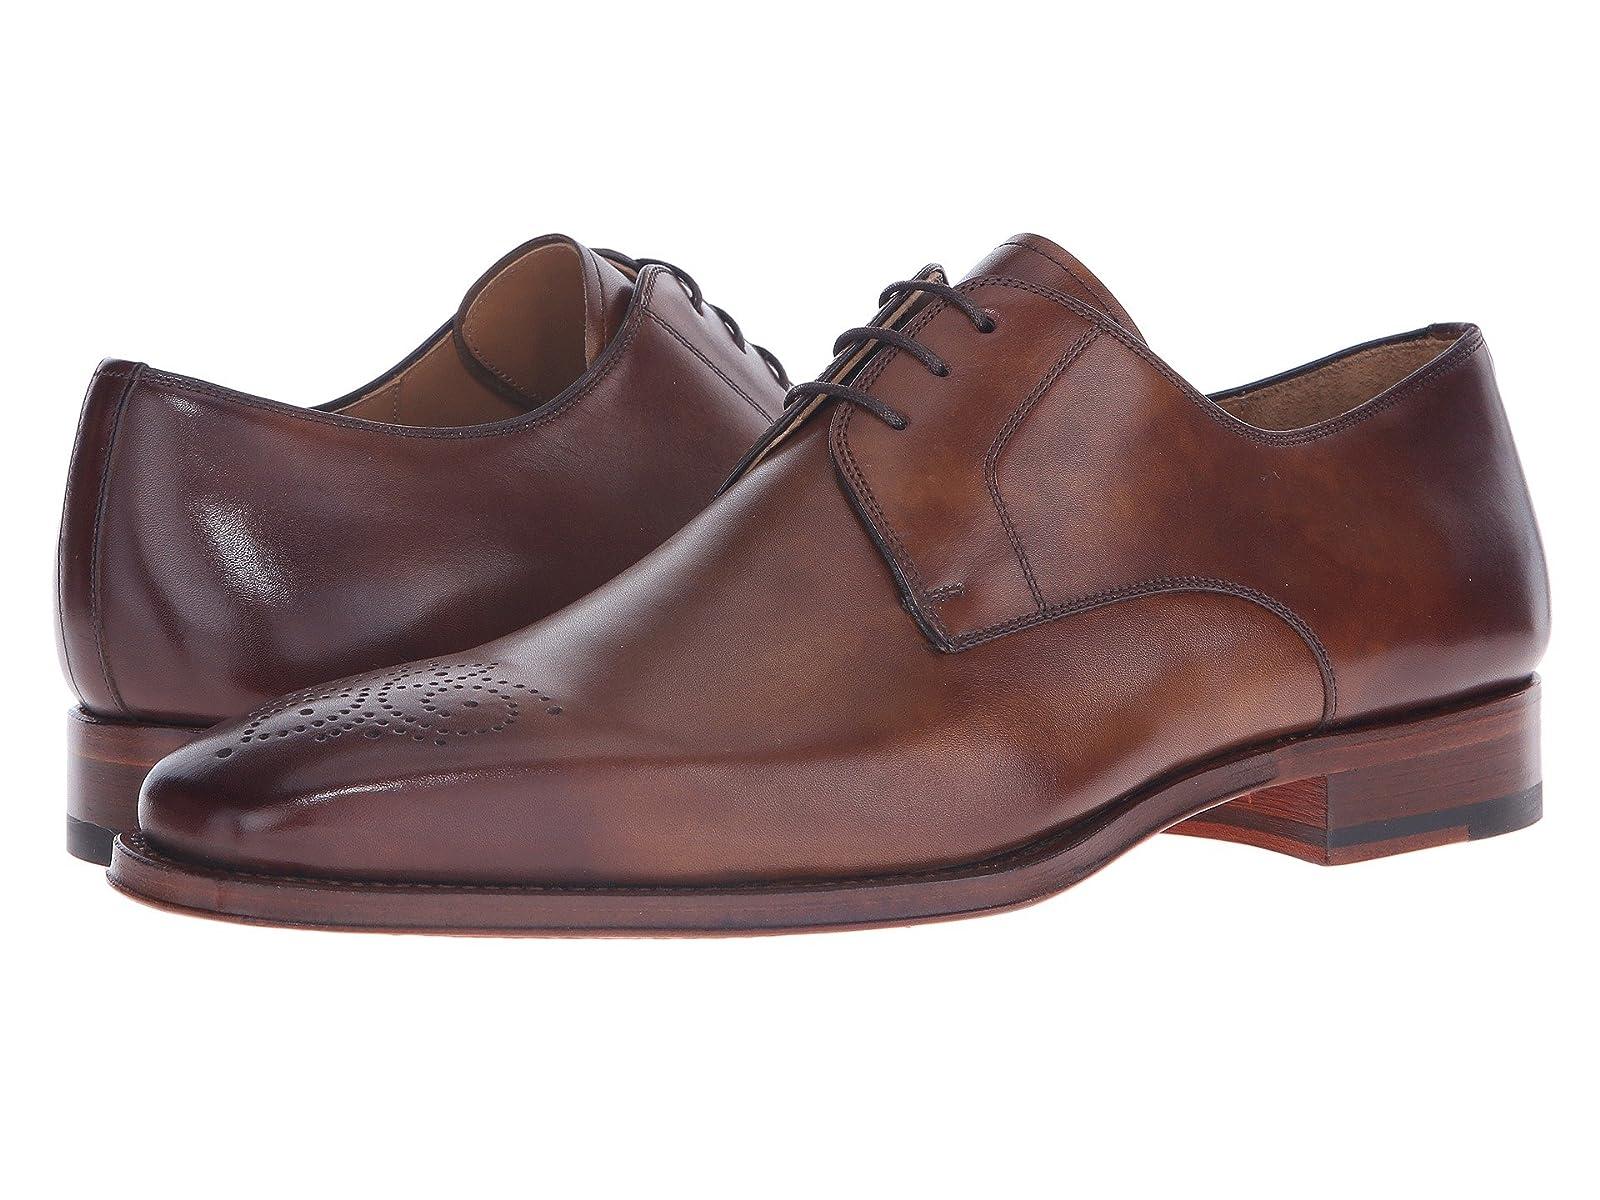 Magnanni GerardoAtmospheric grades have affordable shoes